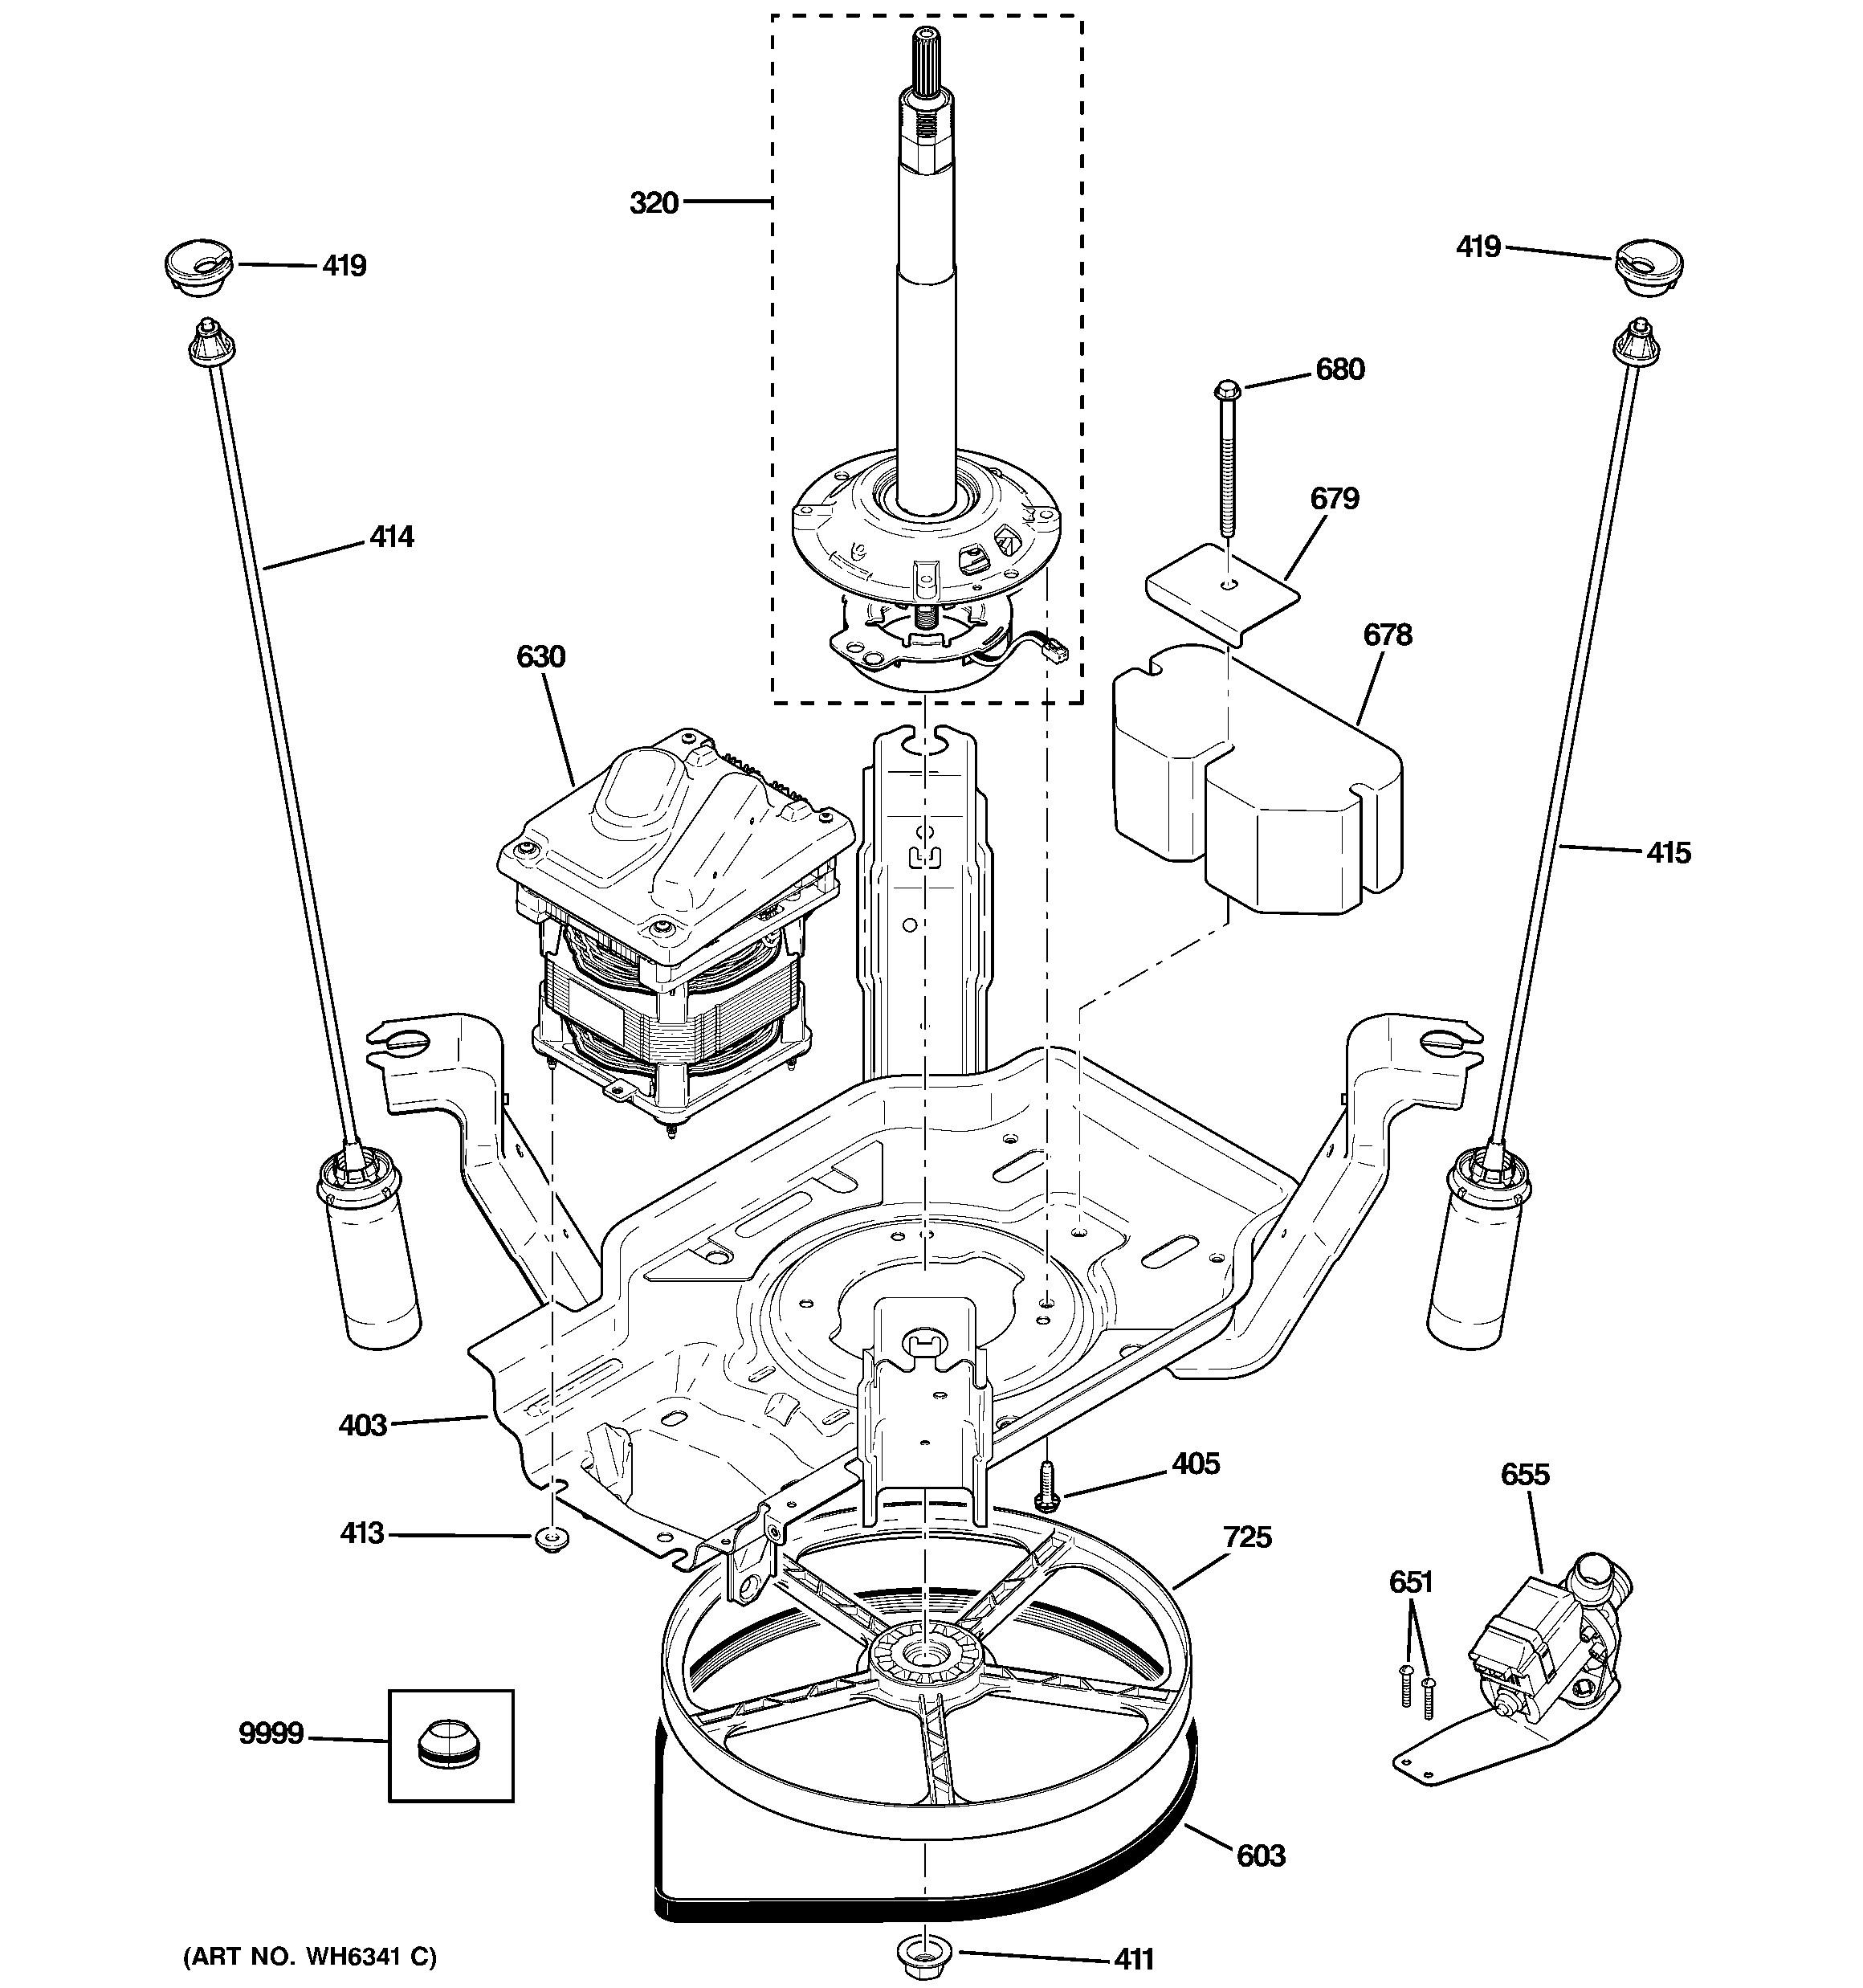 washer motor diagram wiring diagram database